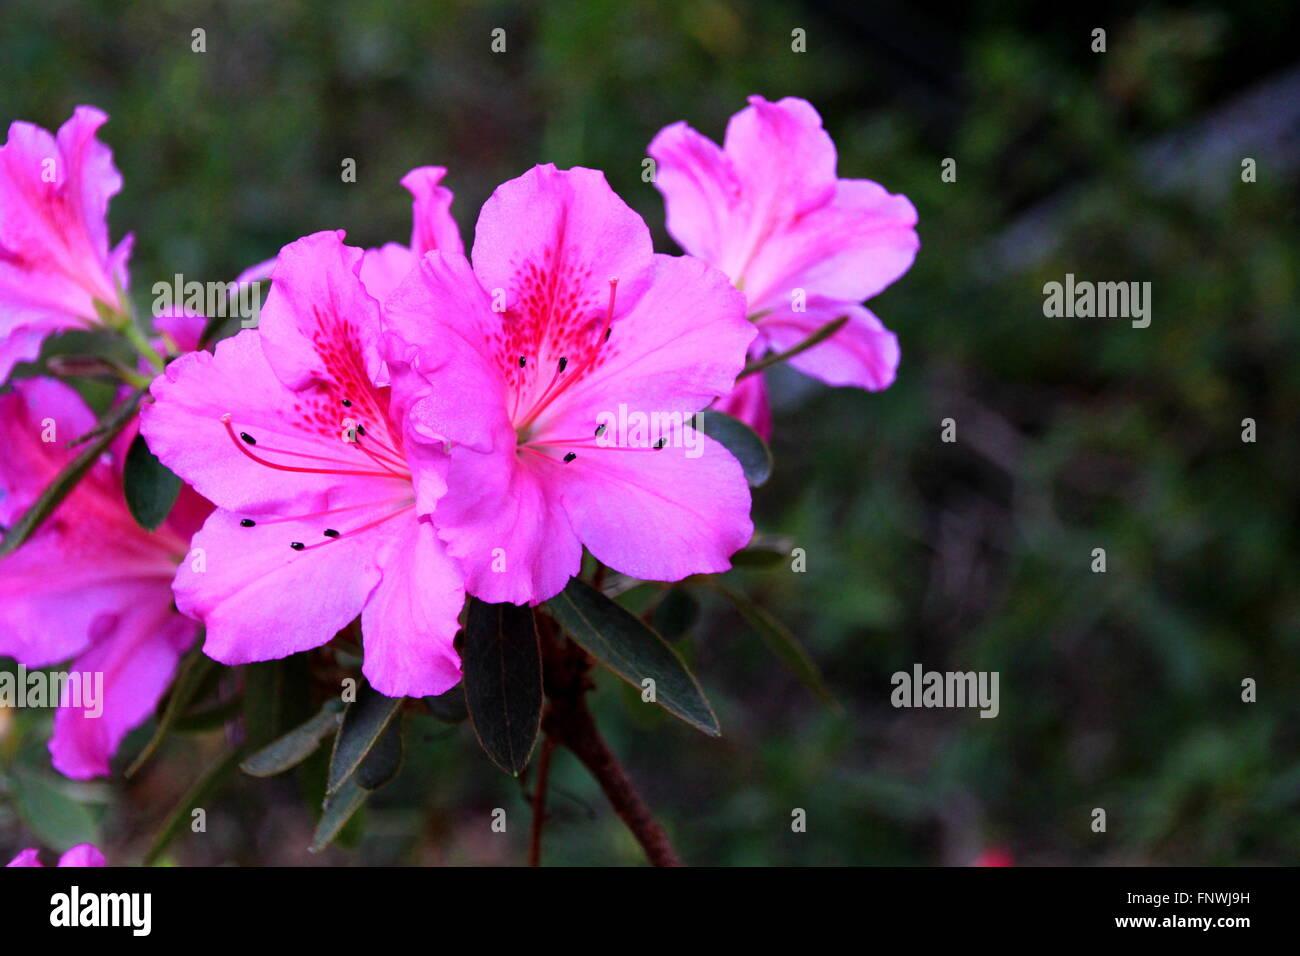 background of magenta azalea flowers - Stock Image